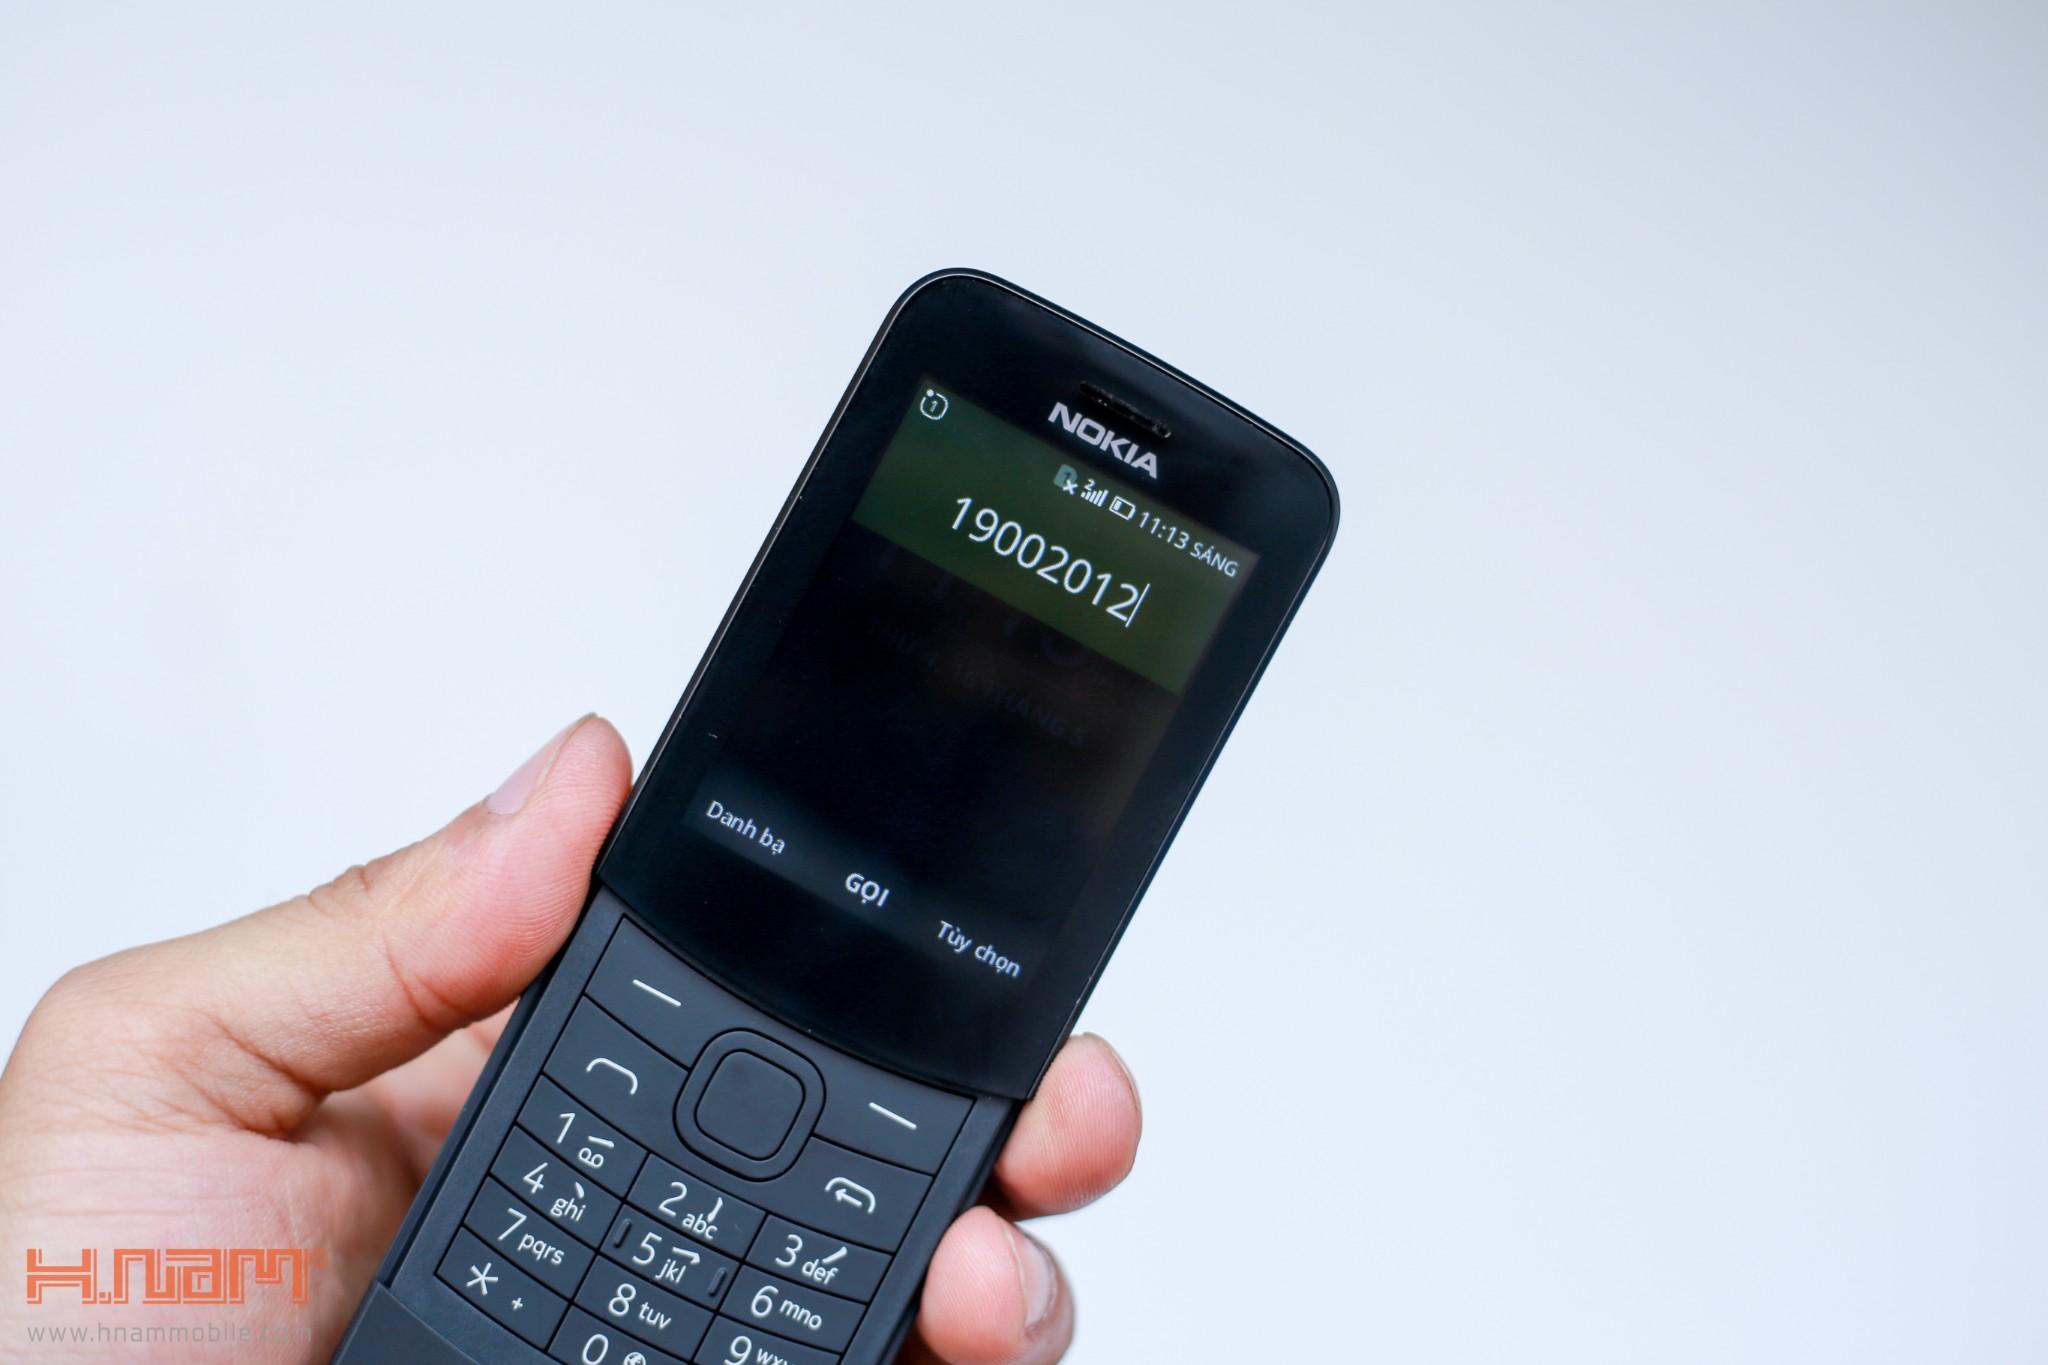 Trên tay Nokia 8110 chuối: Thiết kế siêu cute, phát 4G, giá 1.7 triệu đồng hình 13